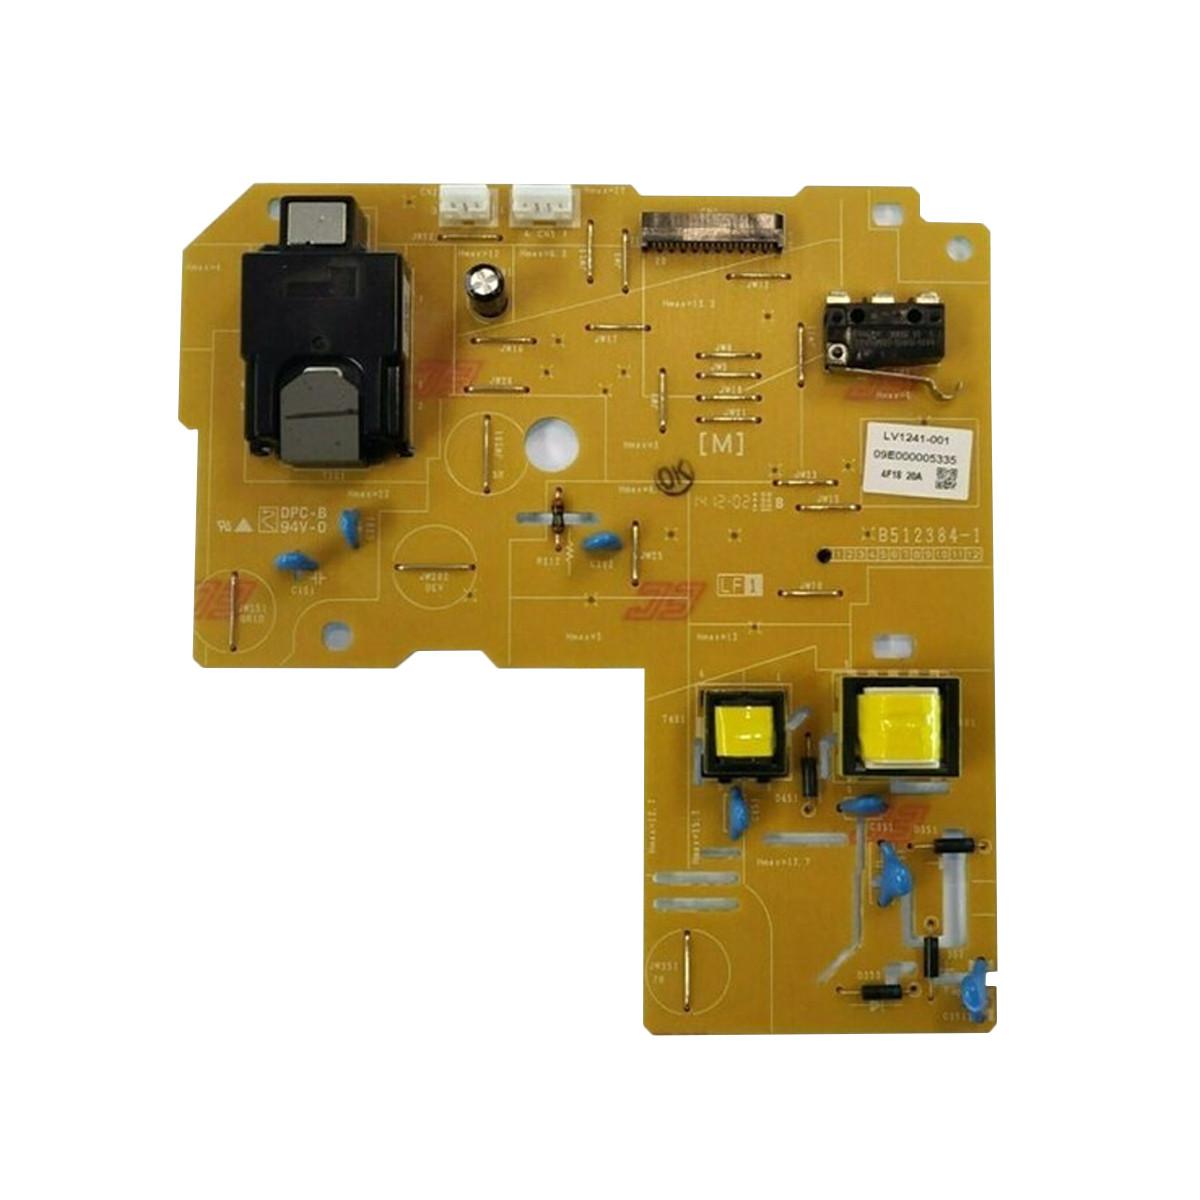 Placa Fonte Alta Brother MFC-L2740DW HL-L2340DW DCP-L2500D DCP-7080 | LV1241001 | Original